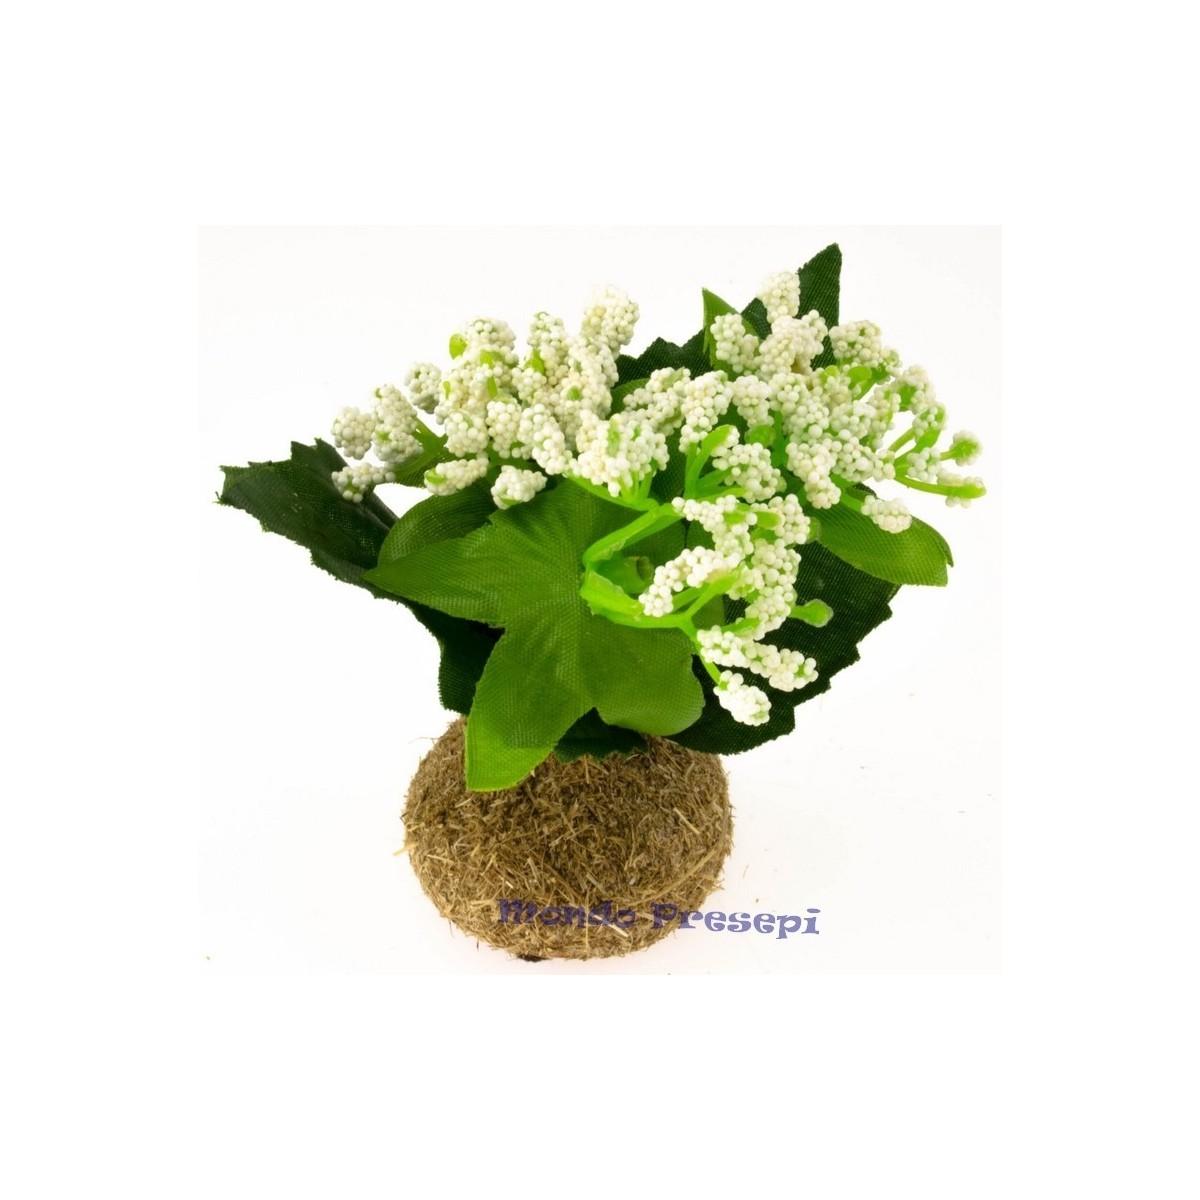 Pianta con fiori bianchi cm 6,5 h. - Mondo Presepi